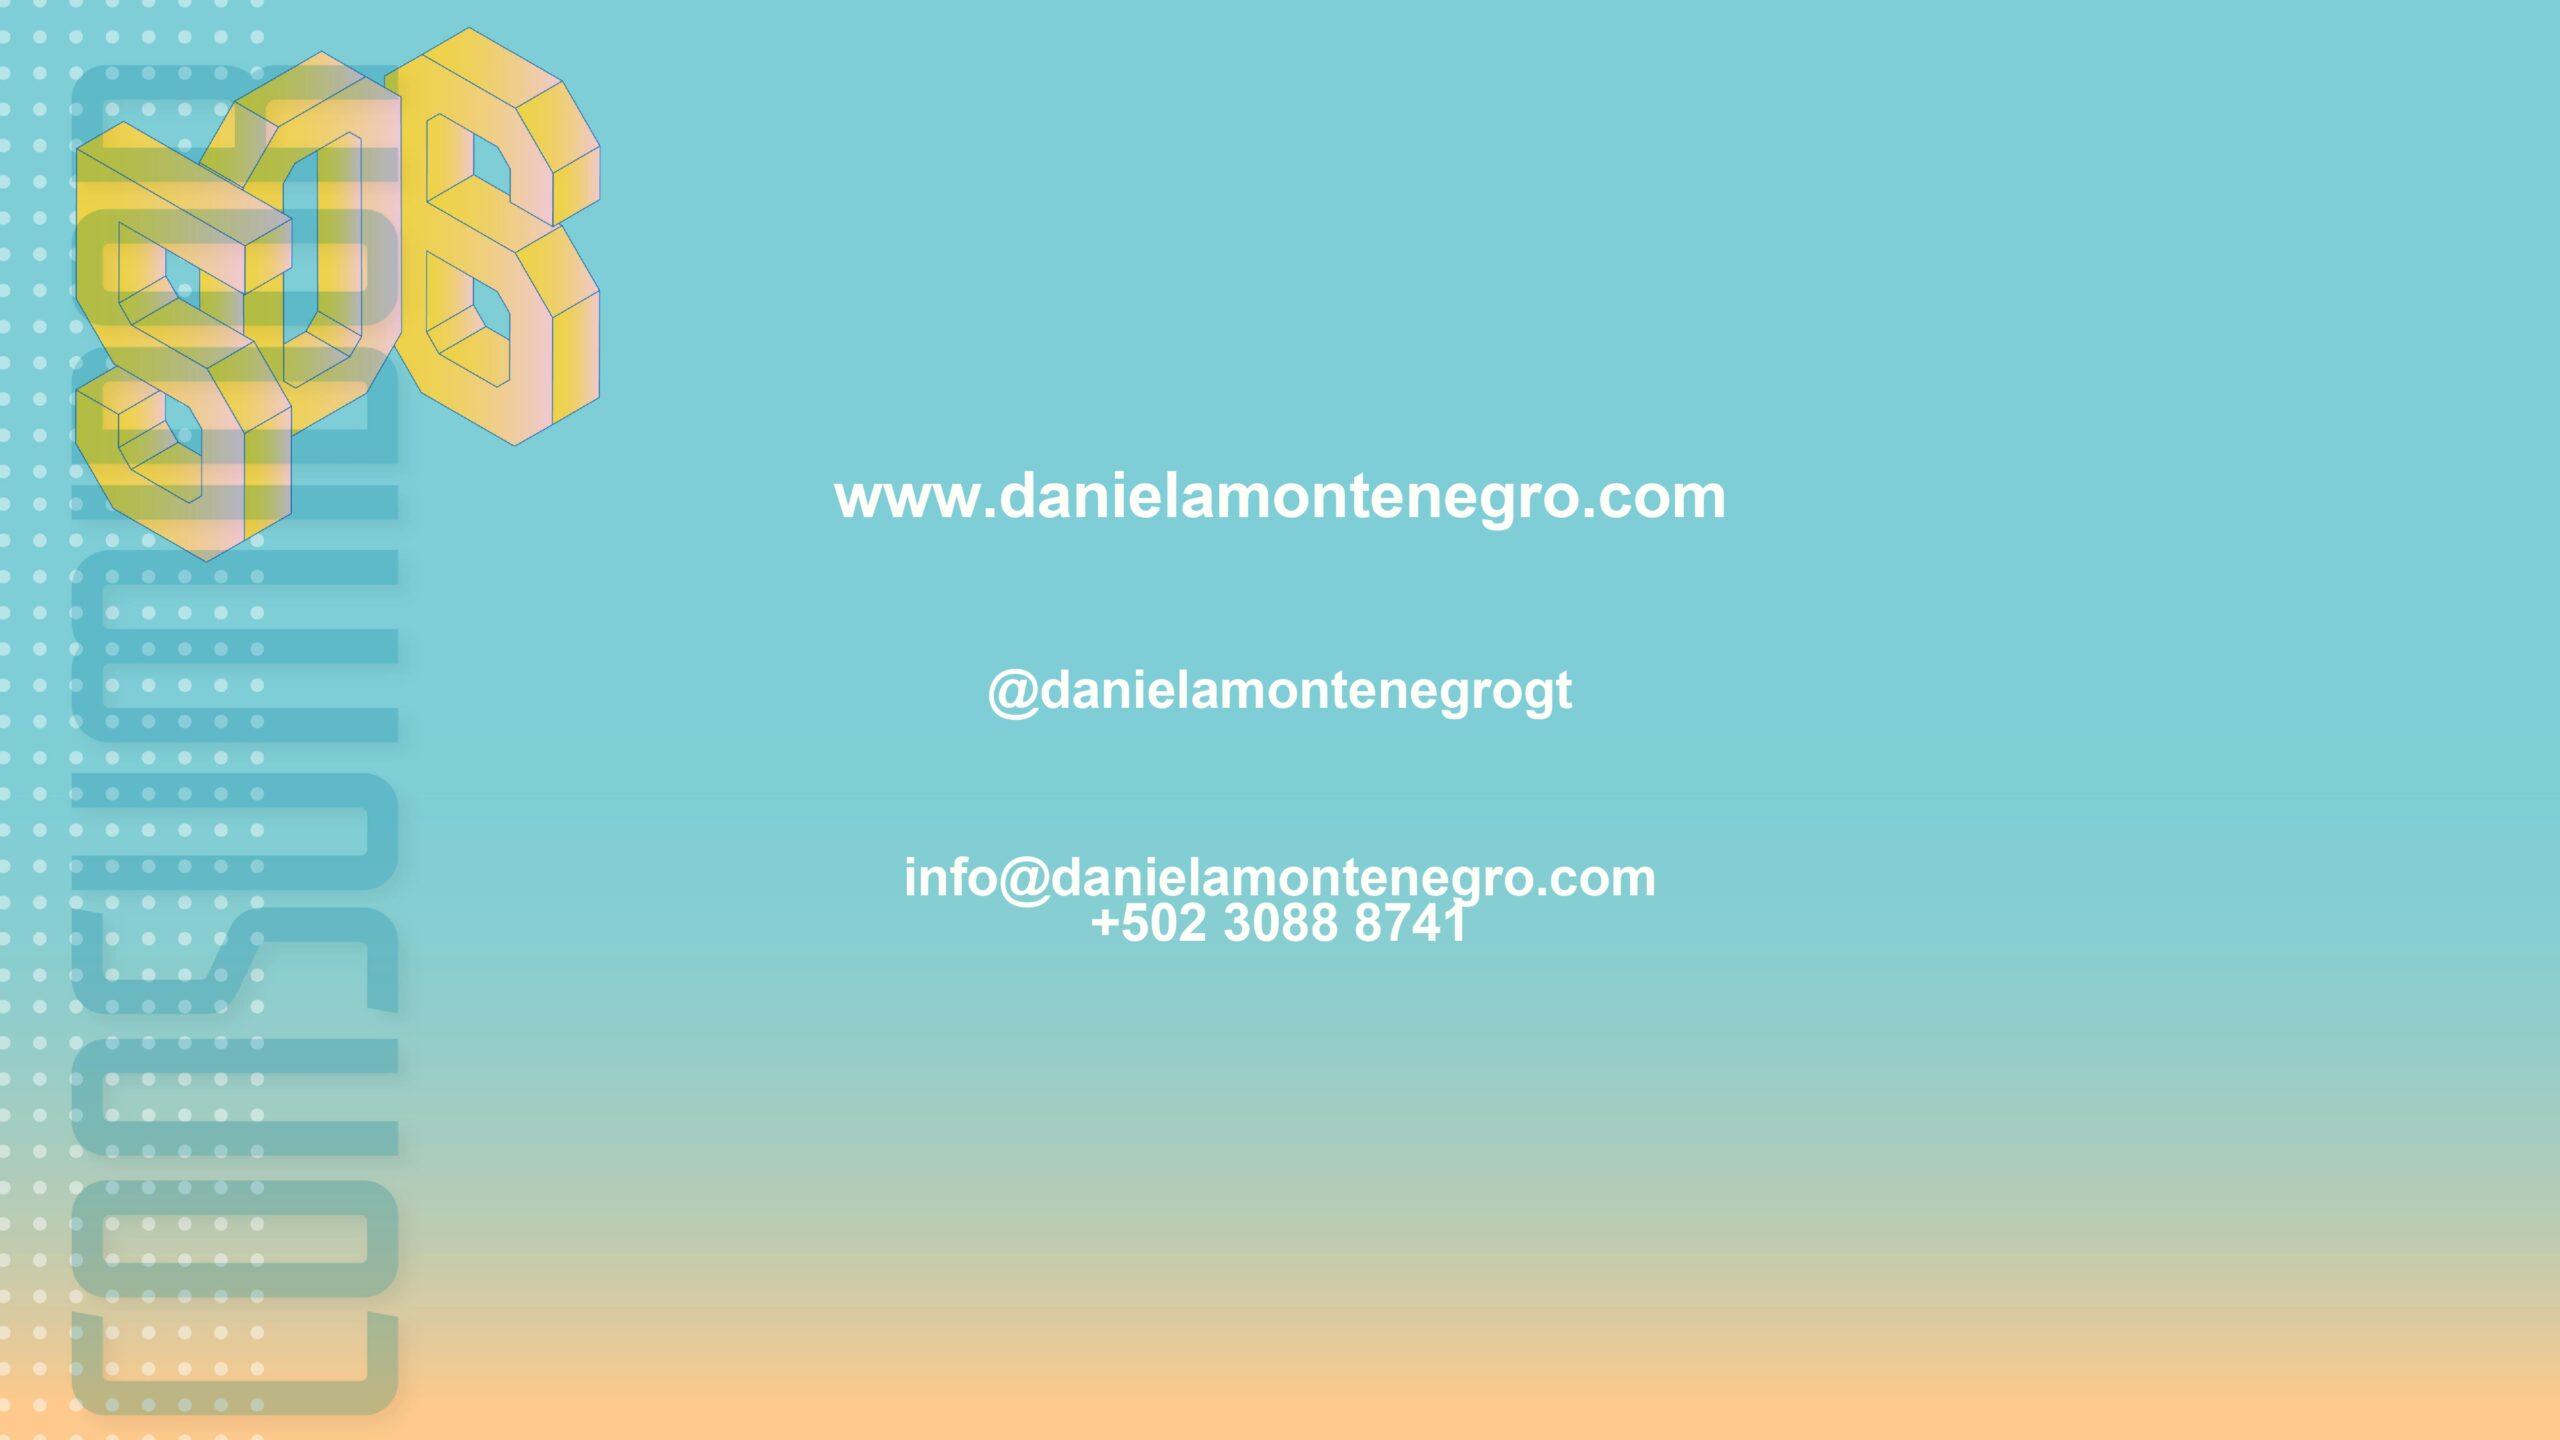 Tik Tok 2021 - DMF_page-0017